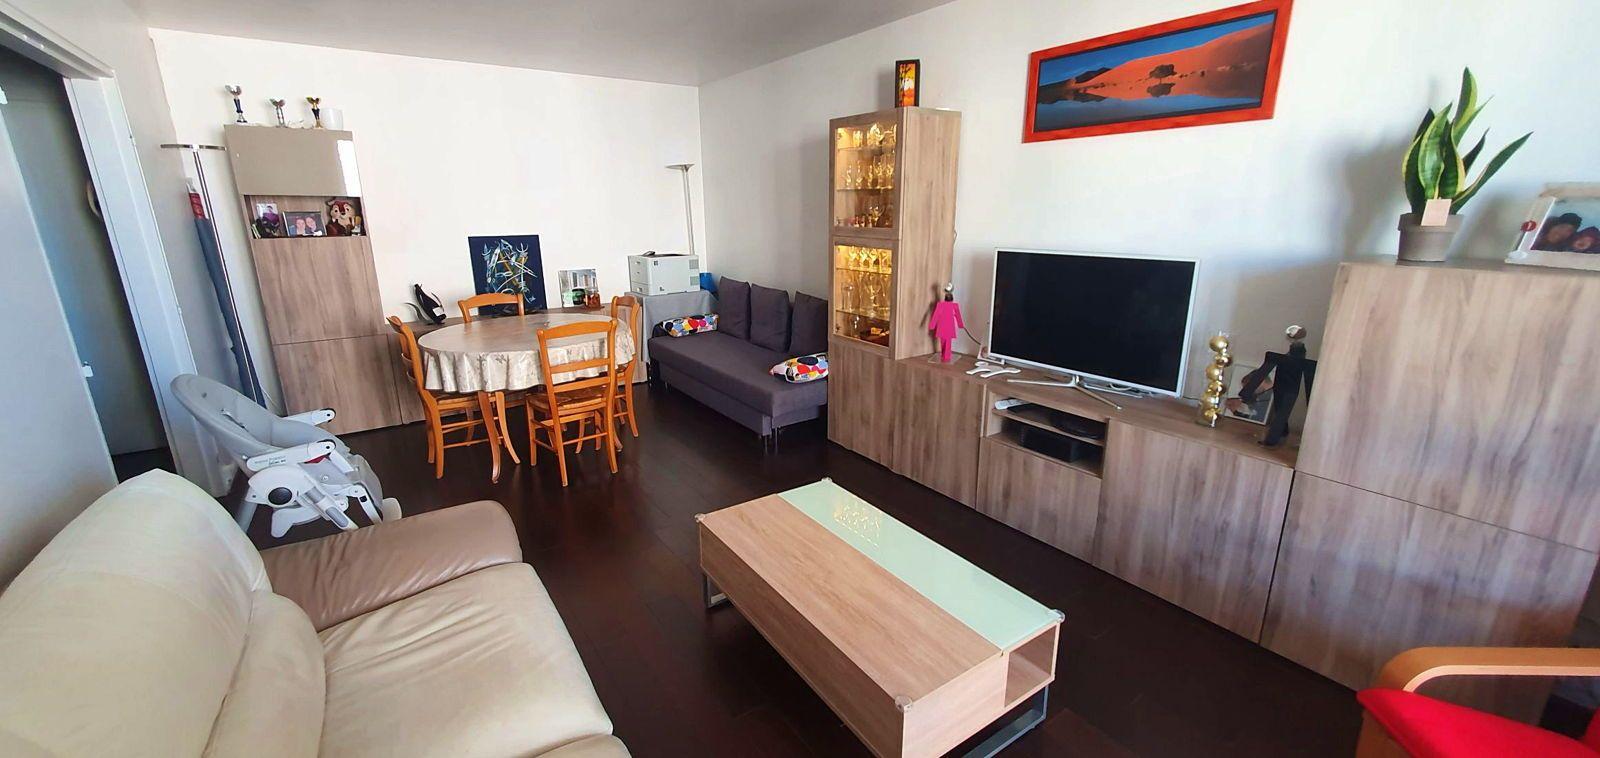 Vends appartement 3pièces 69m² + box + cave dans résidence arborée - Asnières-sur-Seine (92)